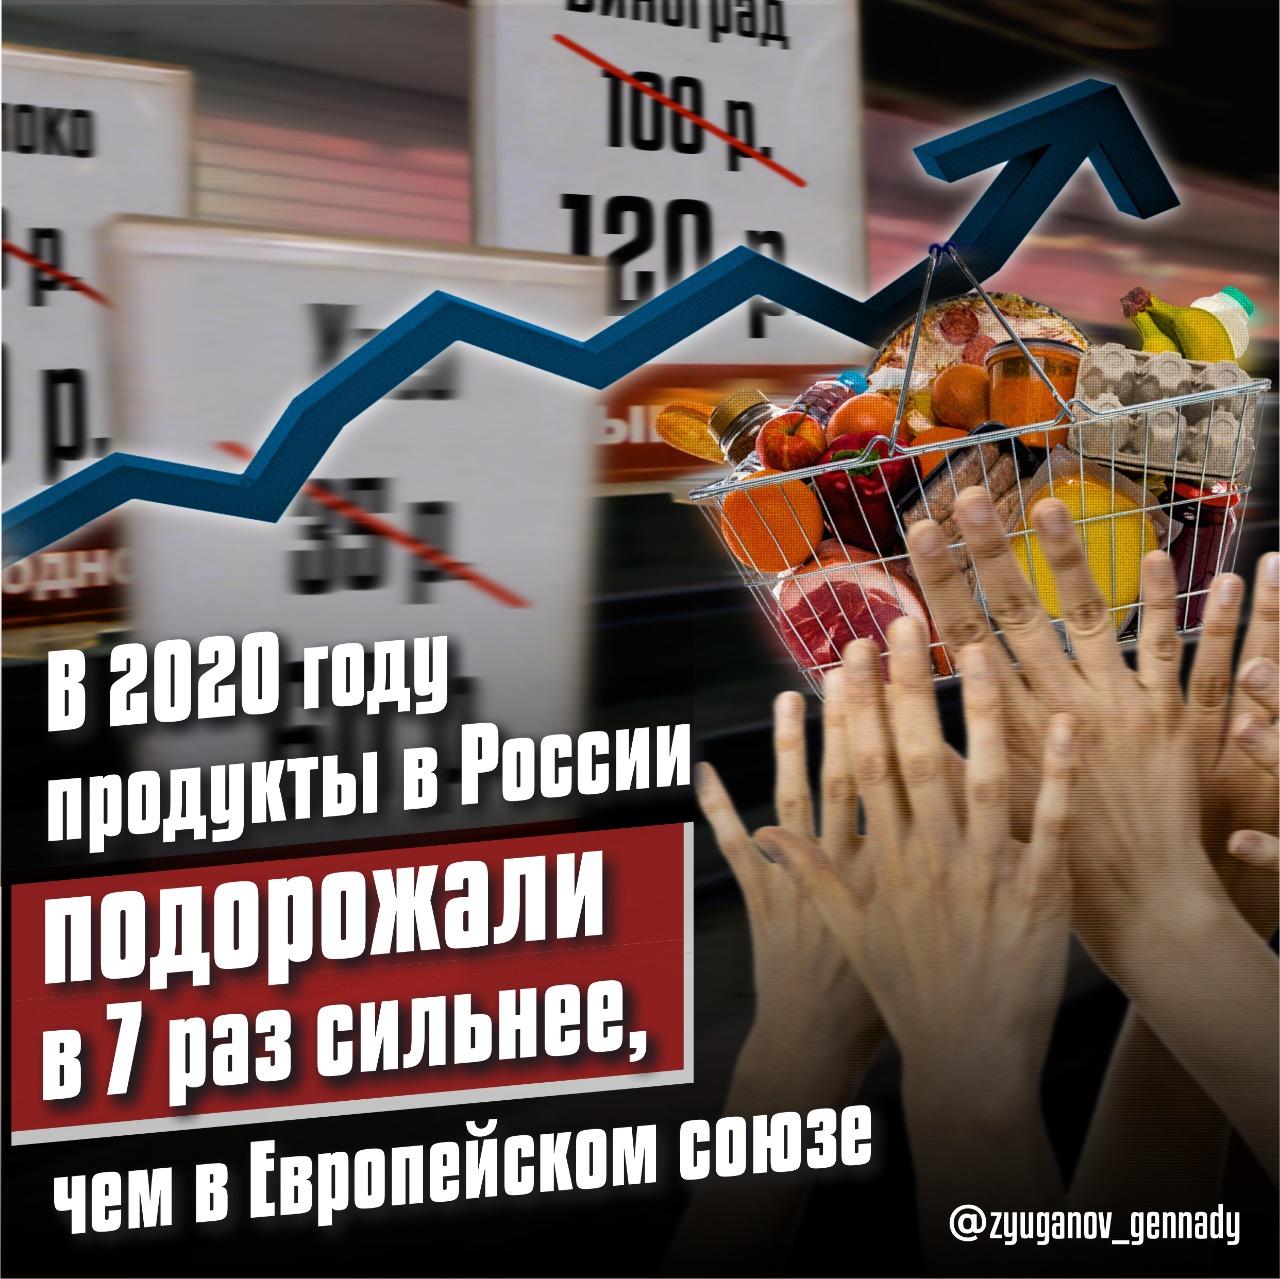 Геннадий Зюганов: «За 2020 г. продукты в России подорожали в 7 раз сильнее, чем в странах ЕС»